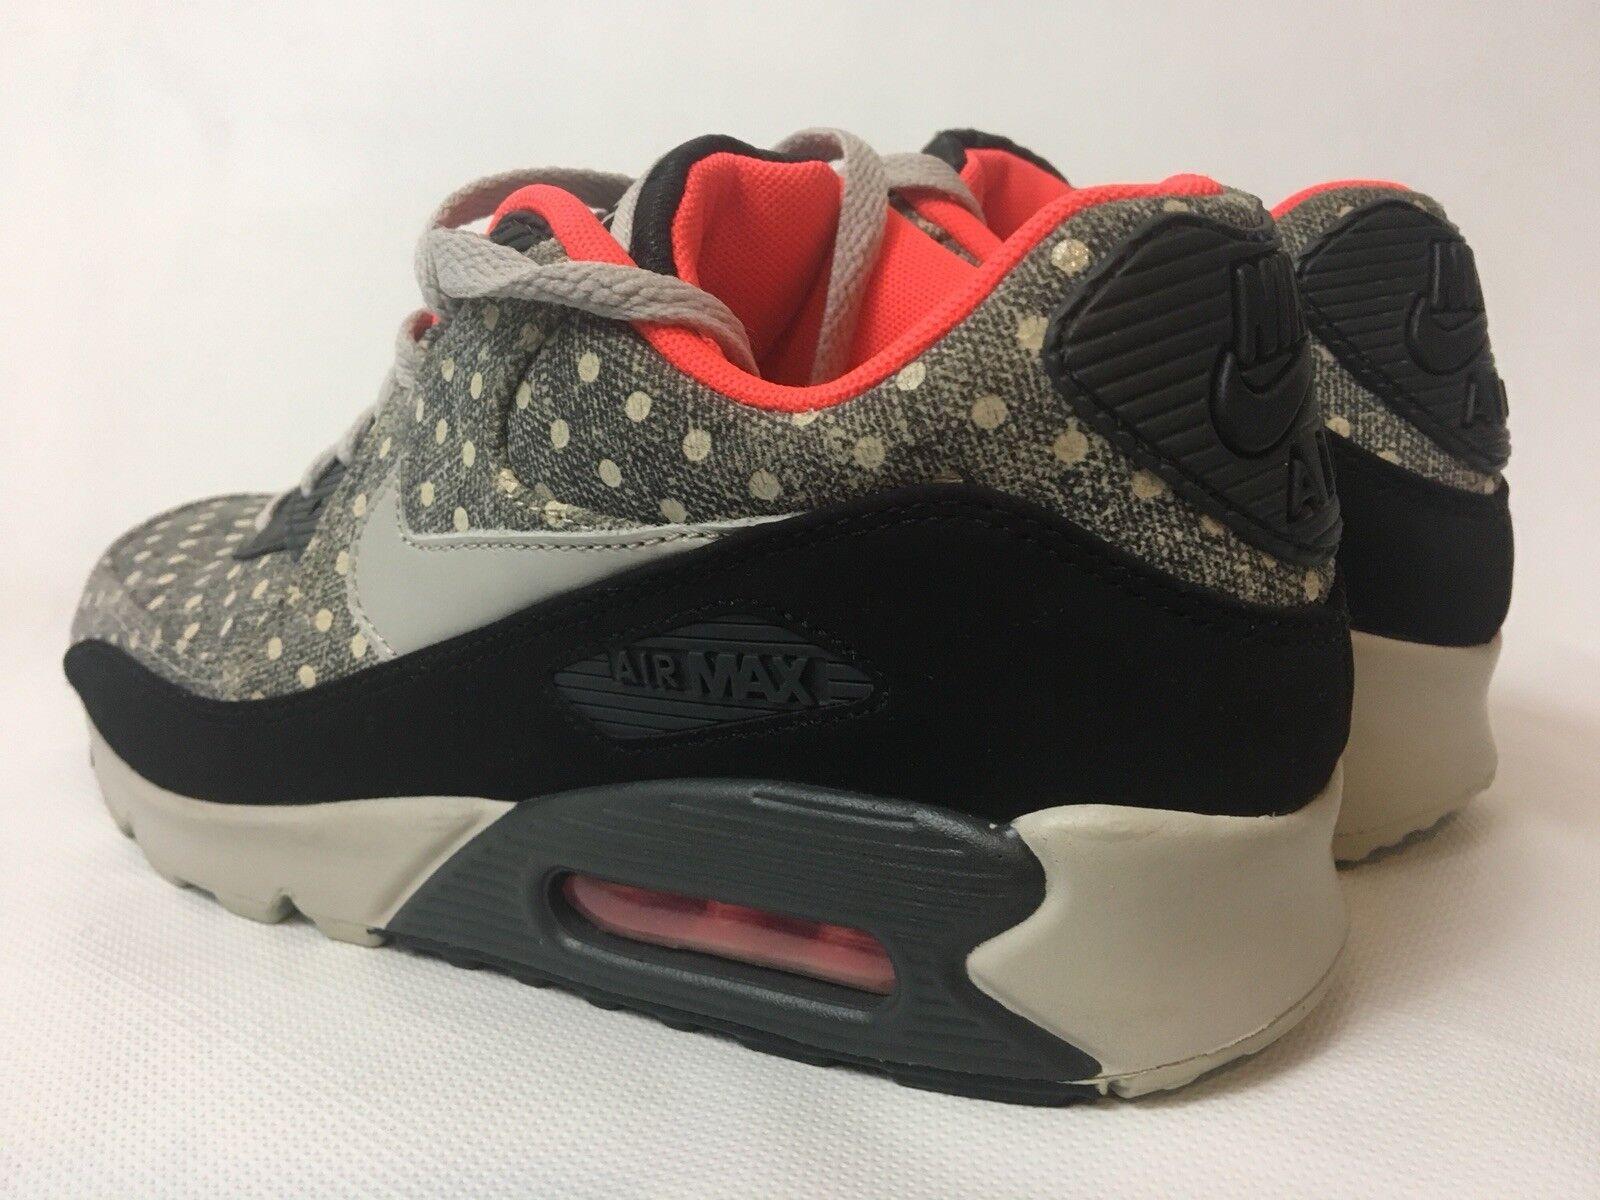 Nike AIR MAX MAX MAX 90 LTR Premium a infrarossi a Pois Taglia Uk6.5/EU40.5 [666578-006] | Pacchetti Alla Moda E Attraente  | Sig/Sig Ra Scarpa  58337c